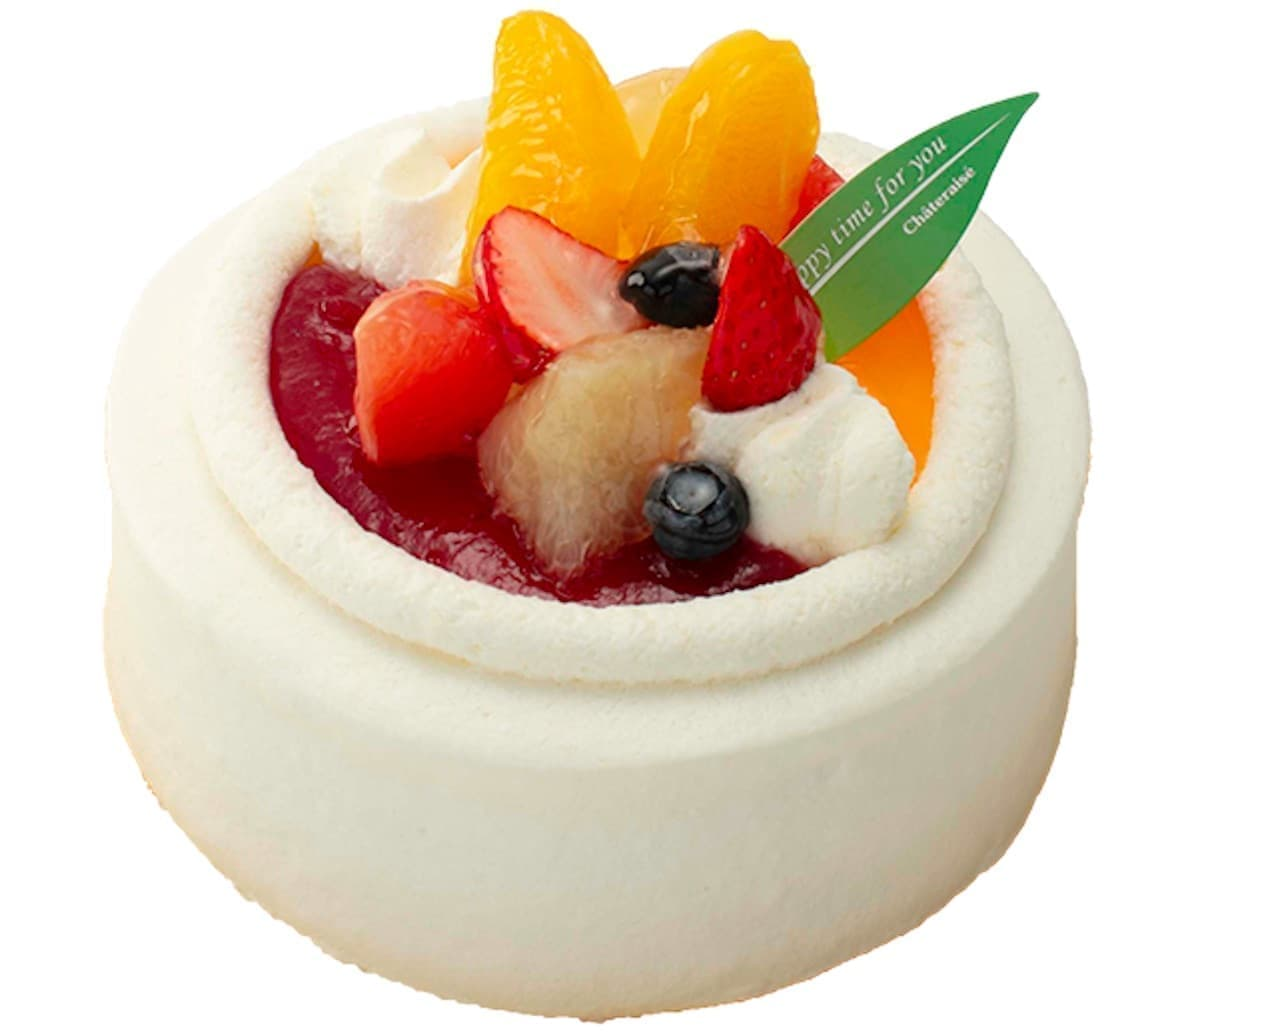 シャトレーゼ「苺と柑橘のスフレチーズデコレーション」